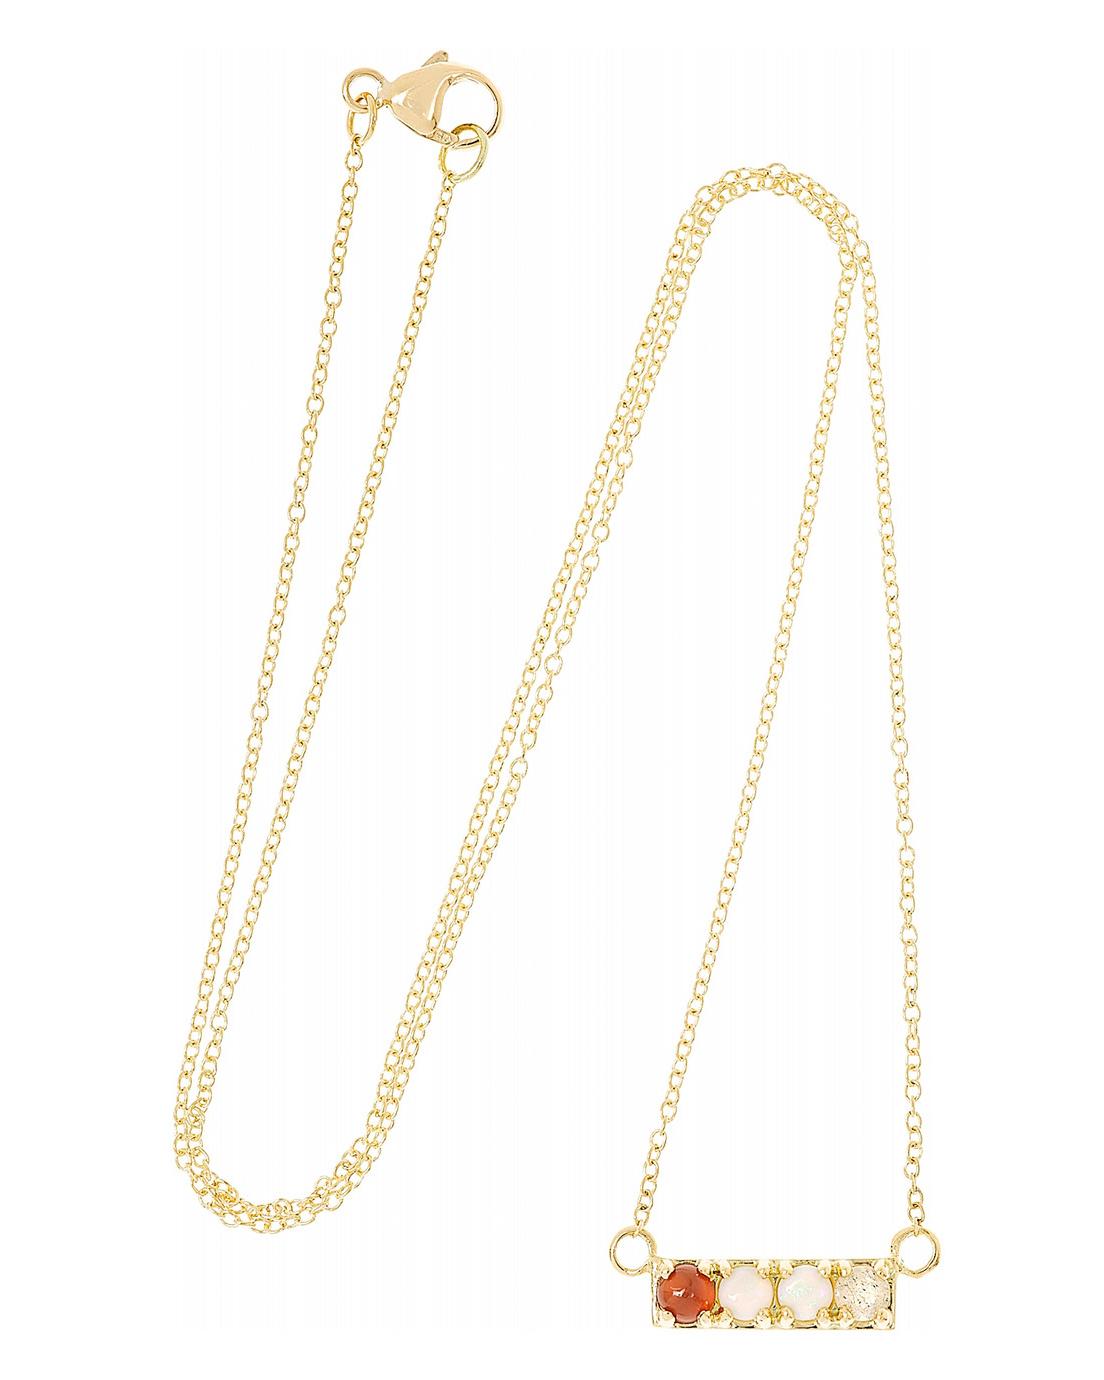 opal-necklace-lulu-frost-netaporter-0115.jpg